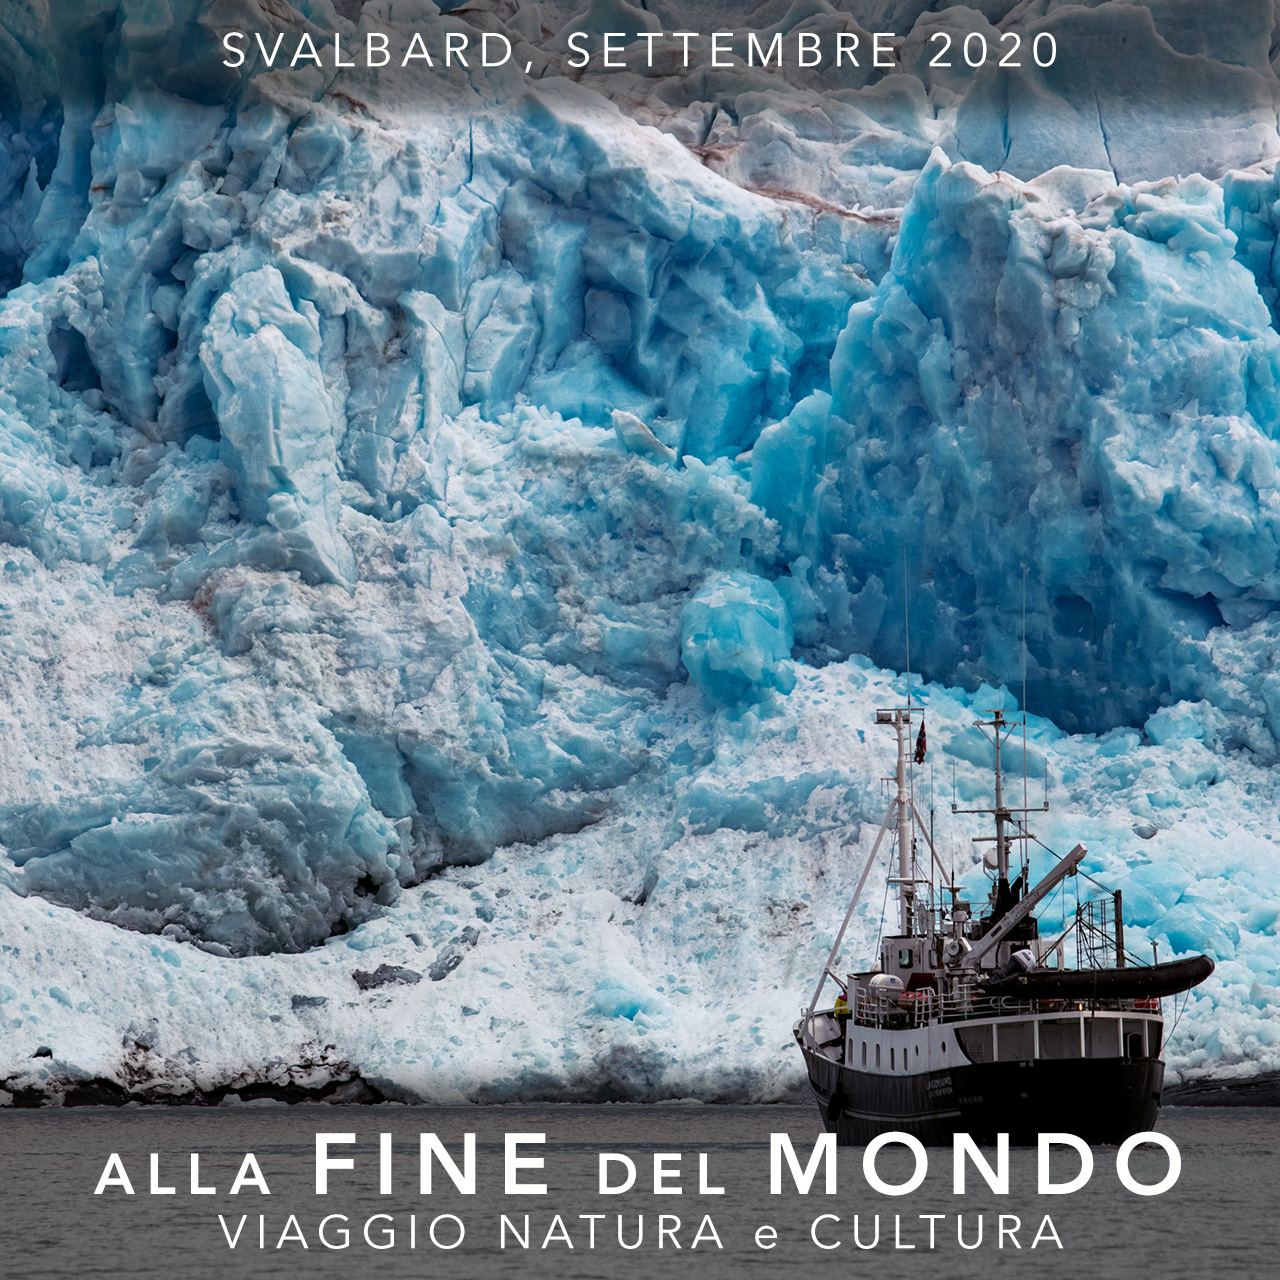 Stampe Fine-Art Viaggi di Gruppo  2020_09_01_Svalbard2020_5B [CONCLUSO] 1 - 8 Settembre 2020, Alla Fine del Mondo